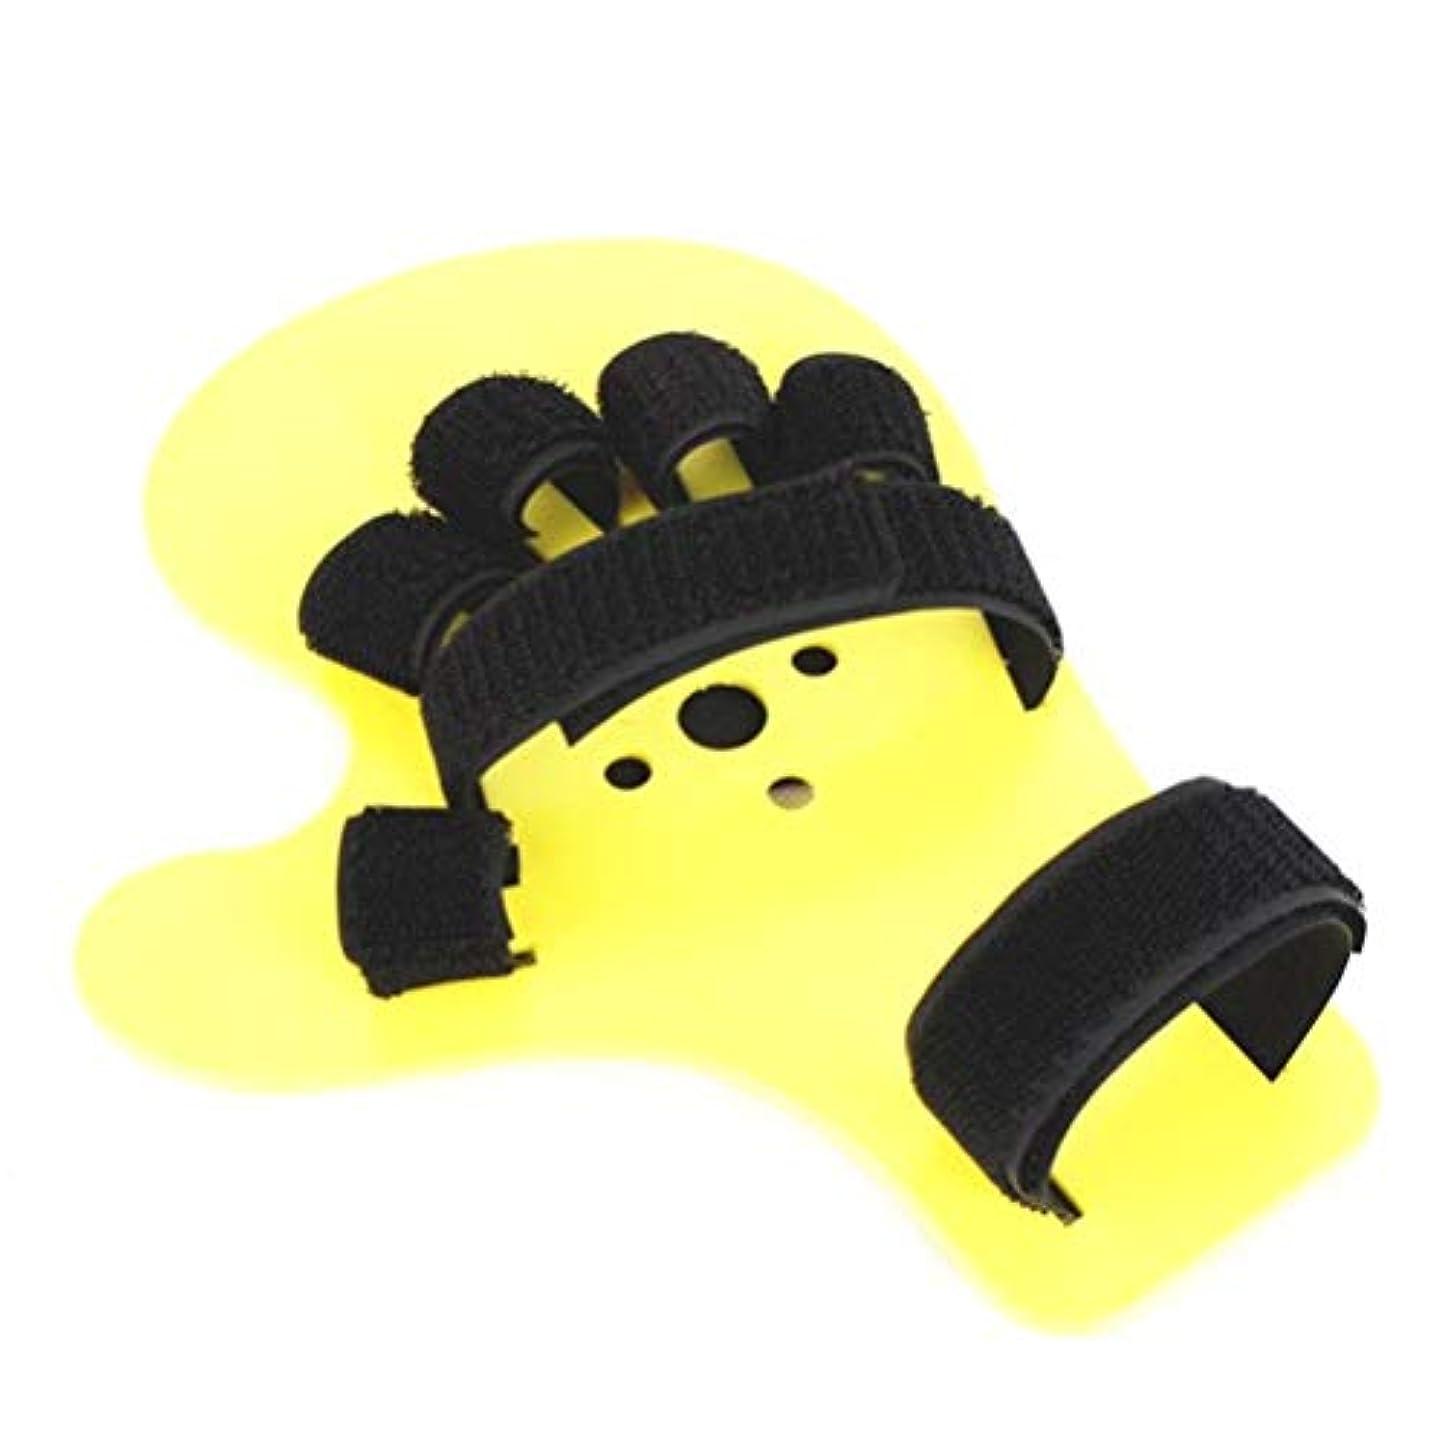 汚い優越うまくやる()ABS調節可能な大人の指のトレーニング機器、/片麻痺/外傷性脳損傷リハビリテーション機器-左利きと右利き脳卒中の指インソール指ポイント